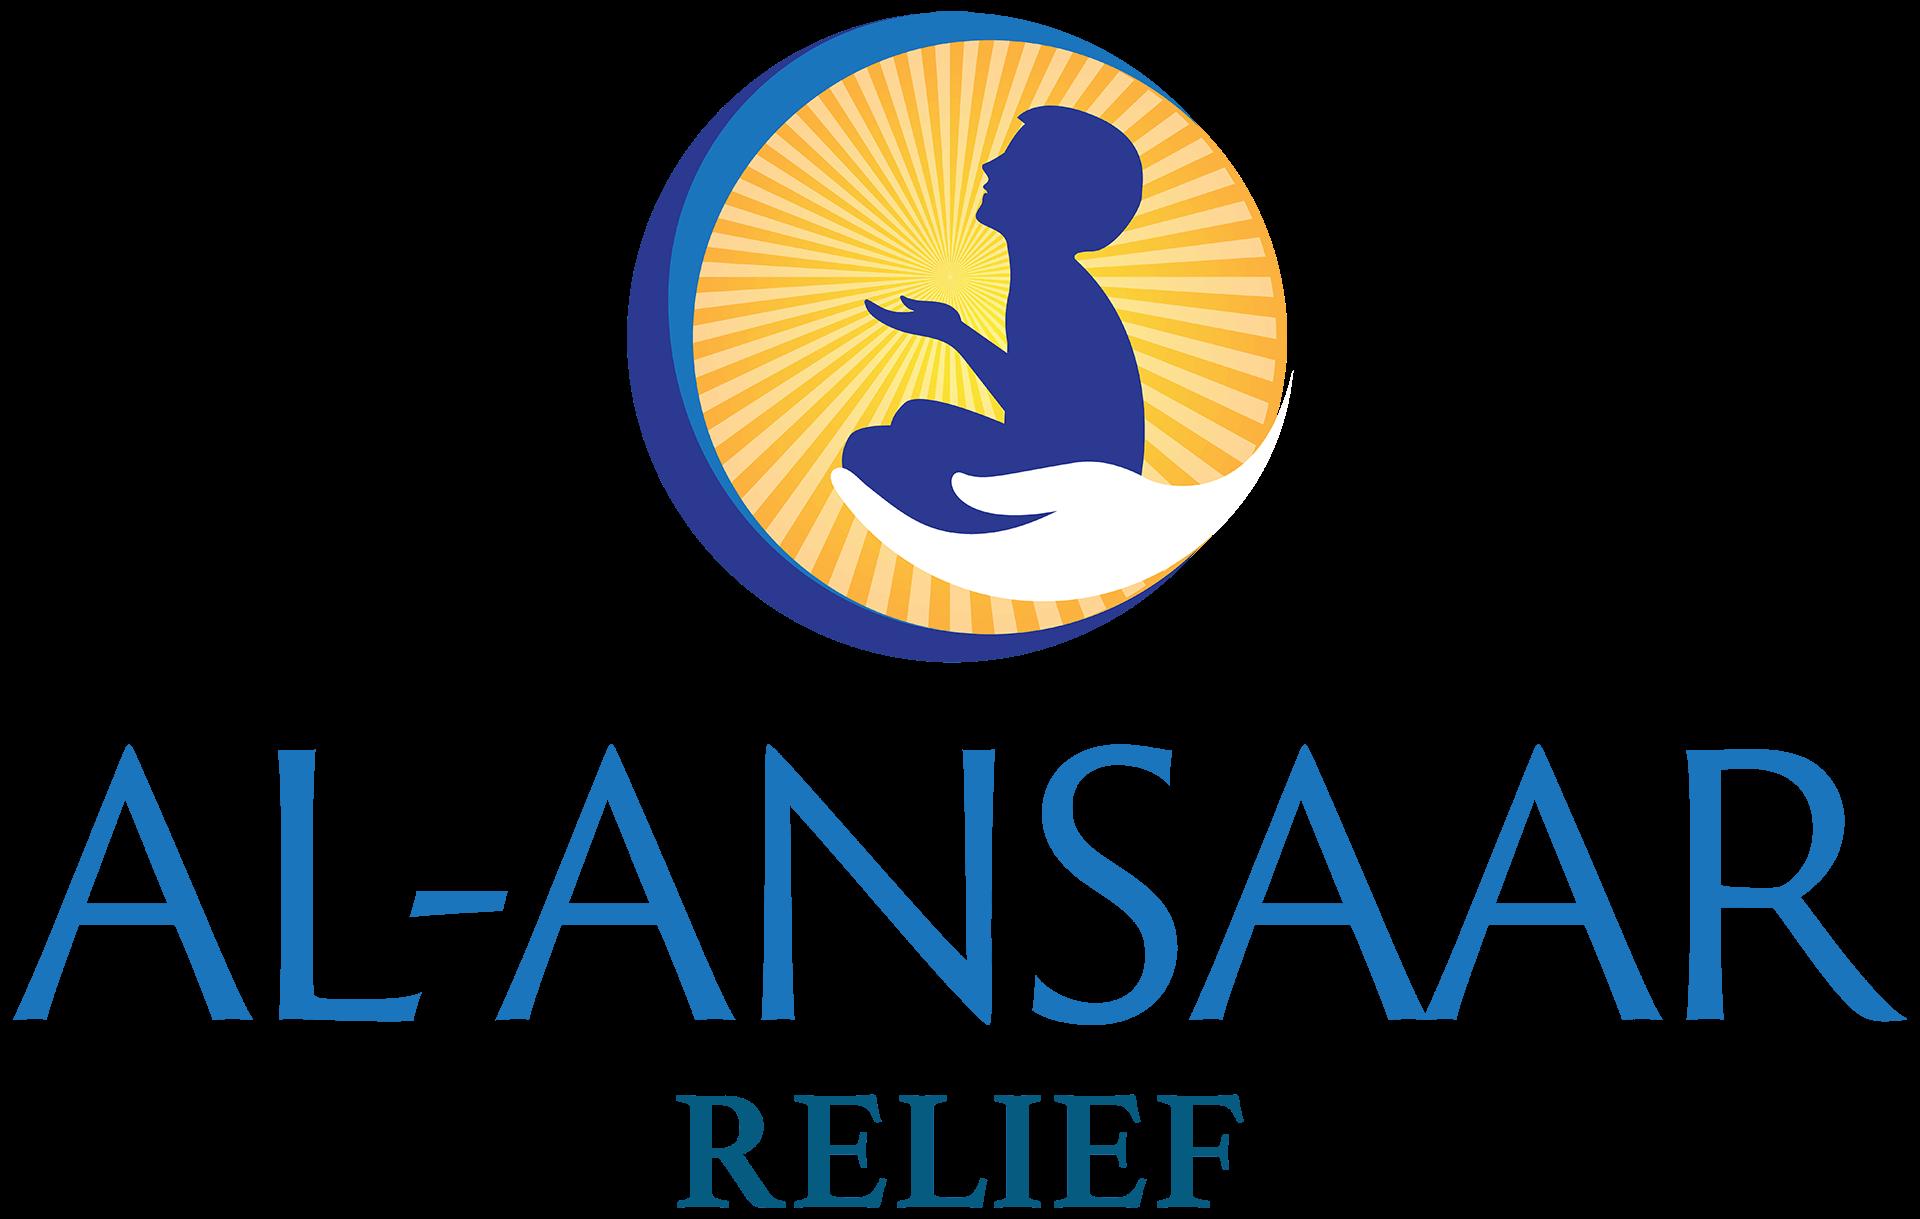 Al-Ansaar relief foundation